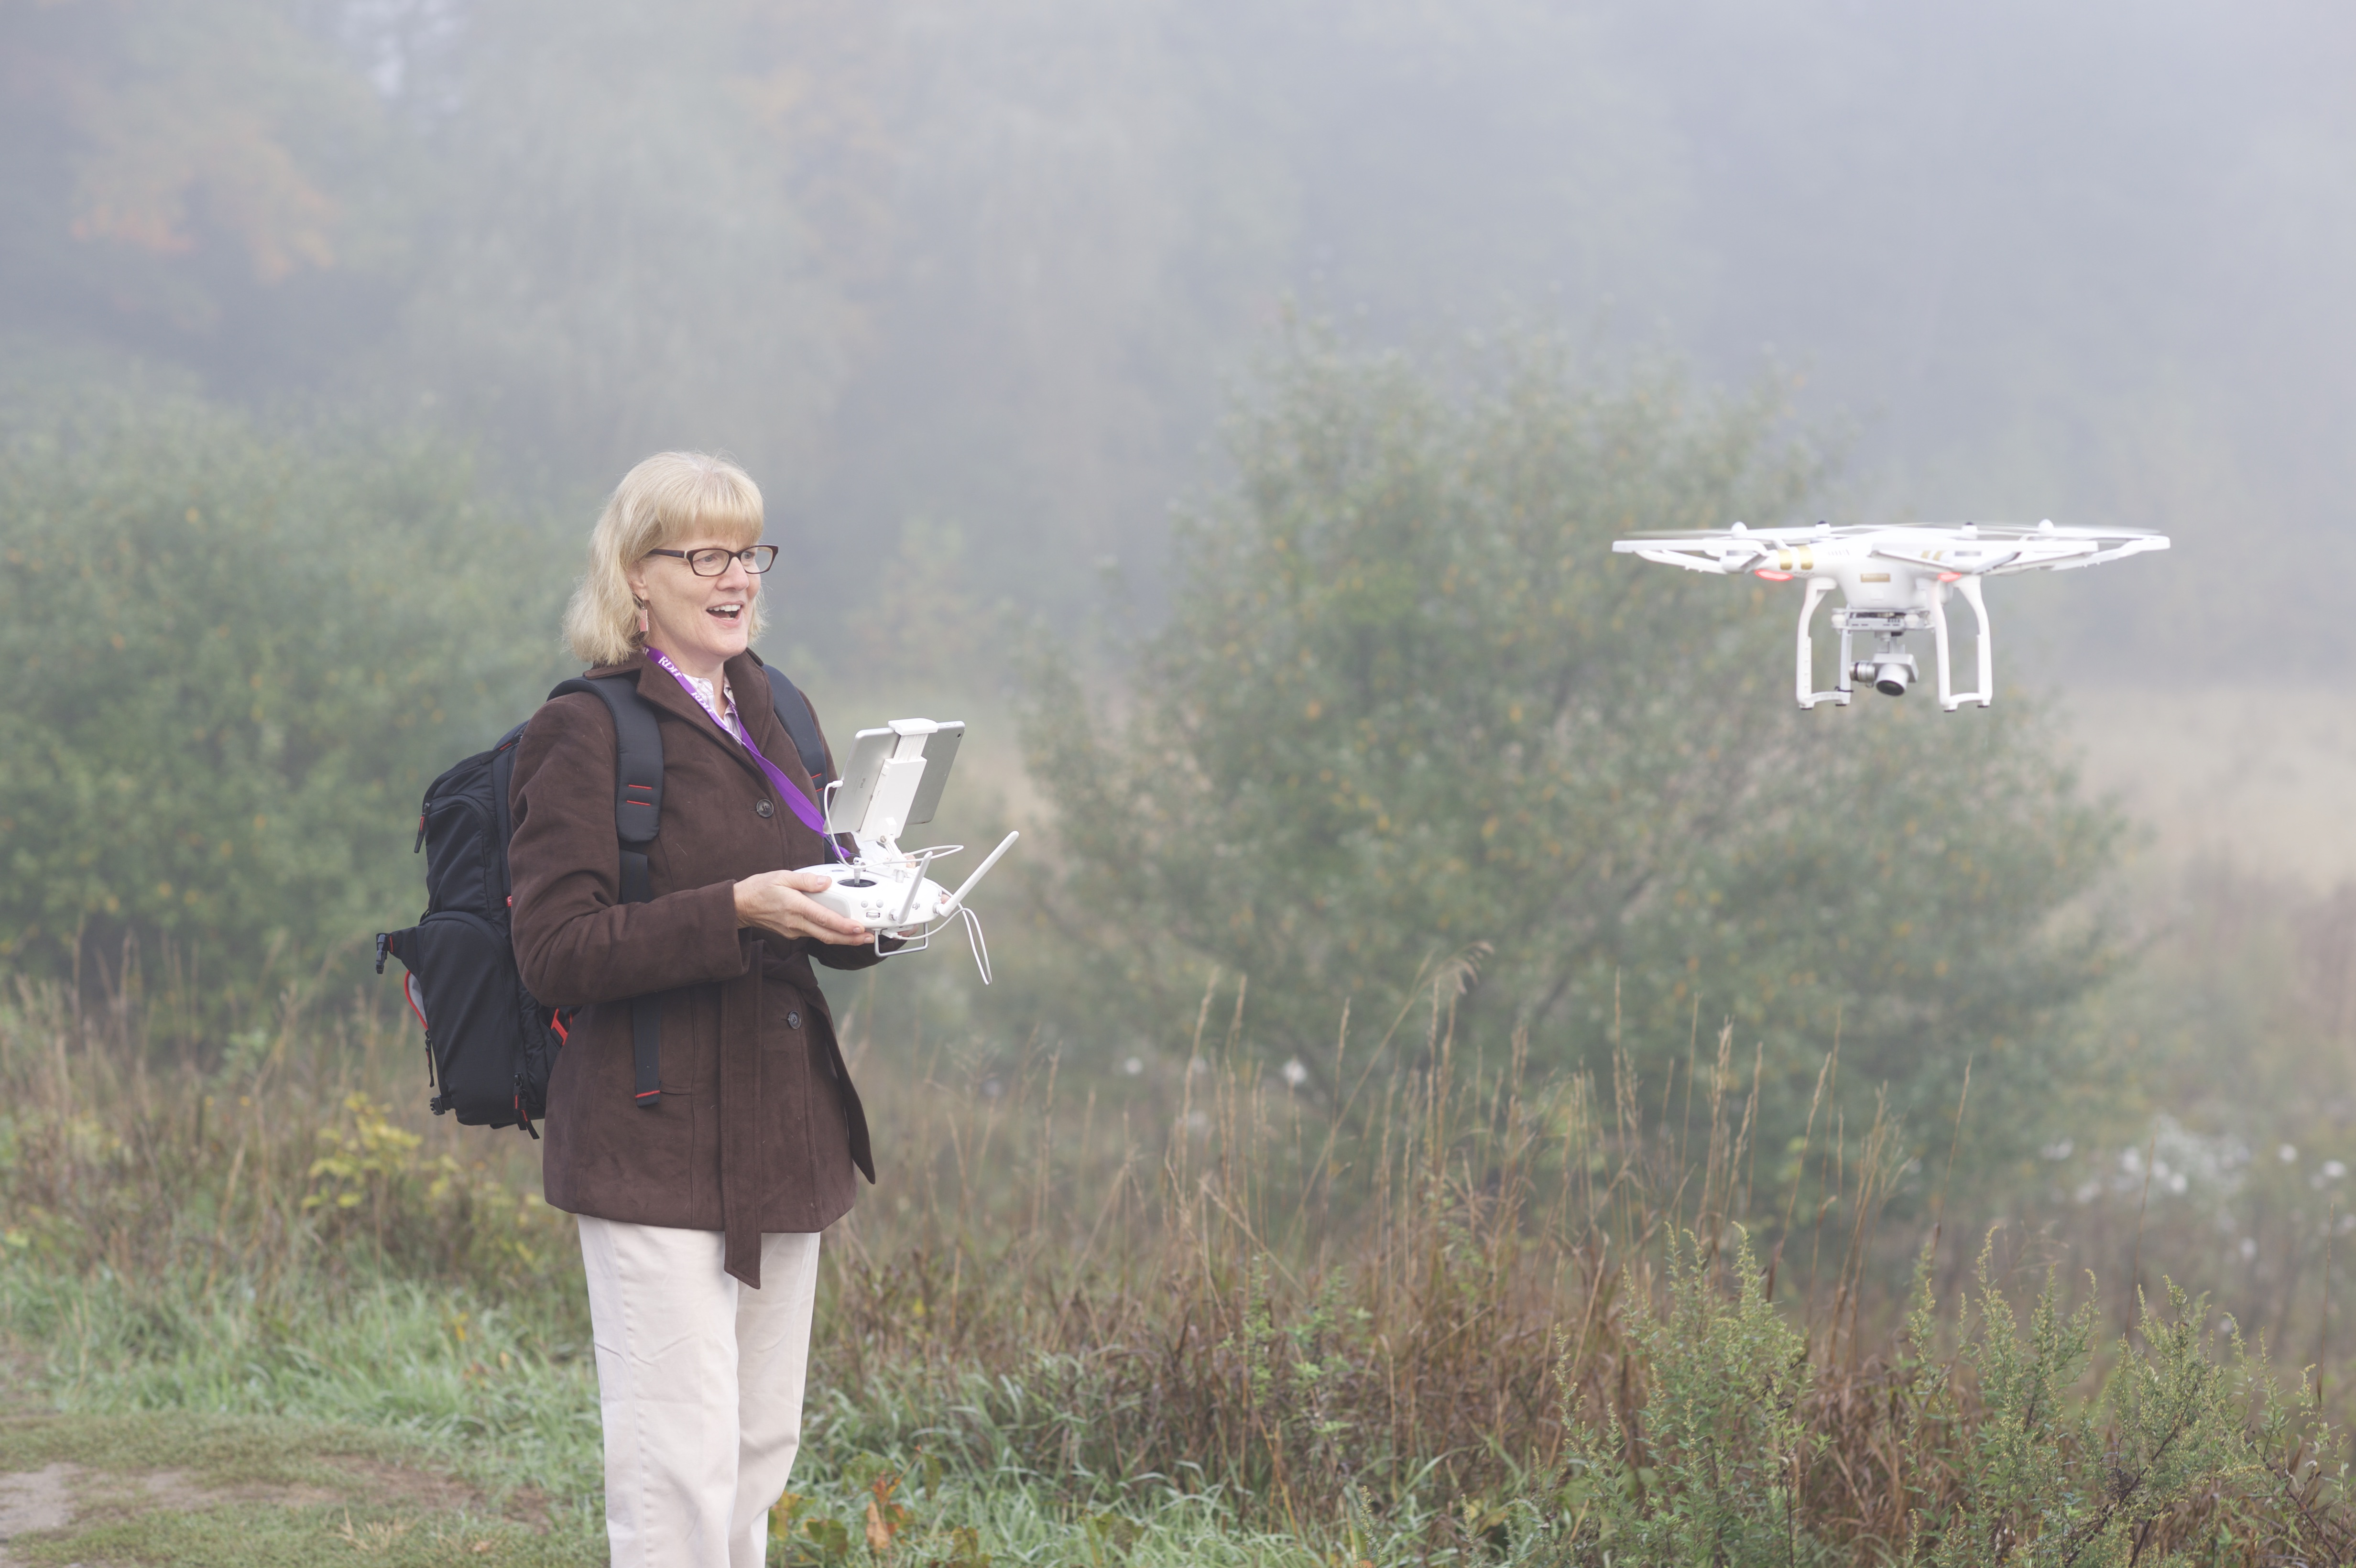 Drone Pilot Julie vanderKroef